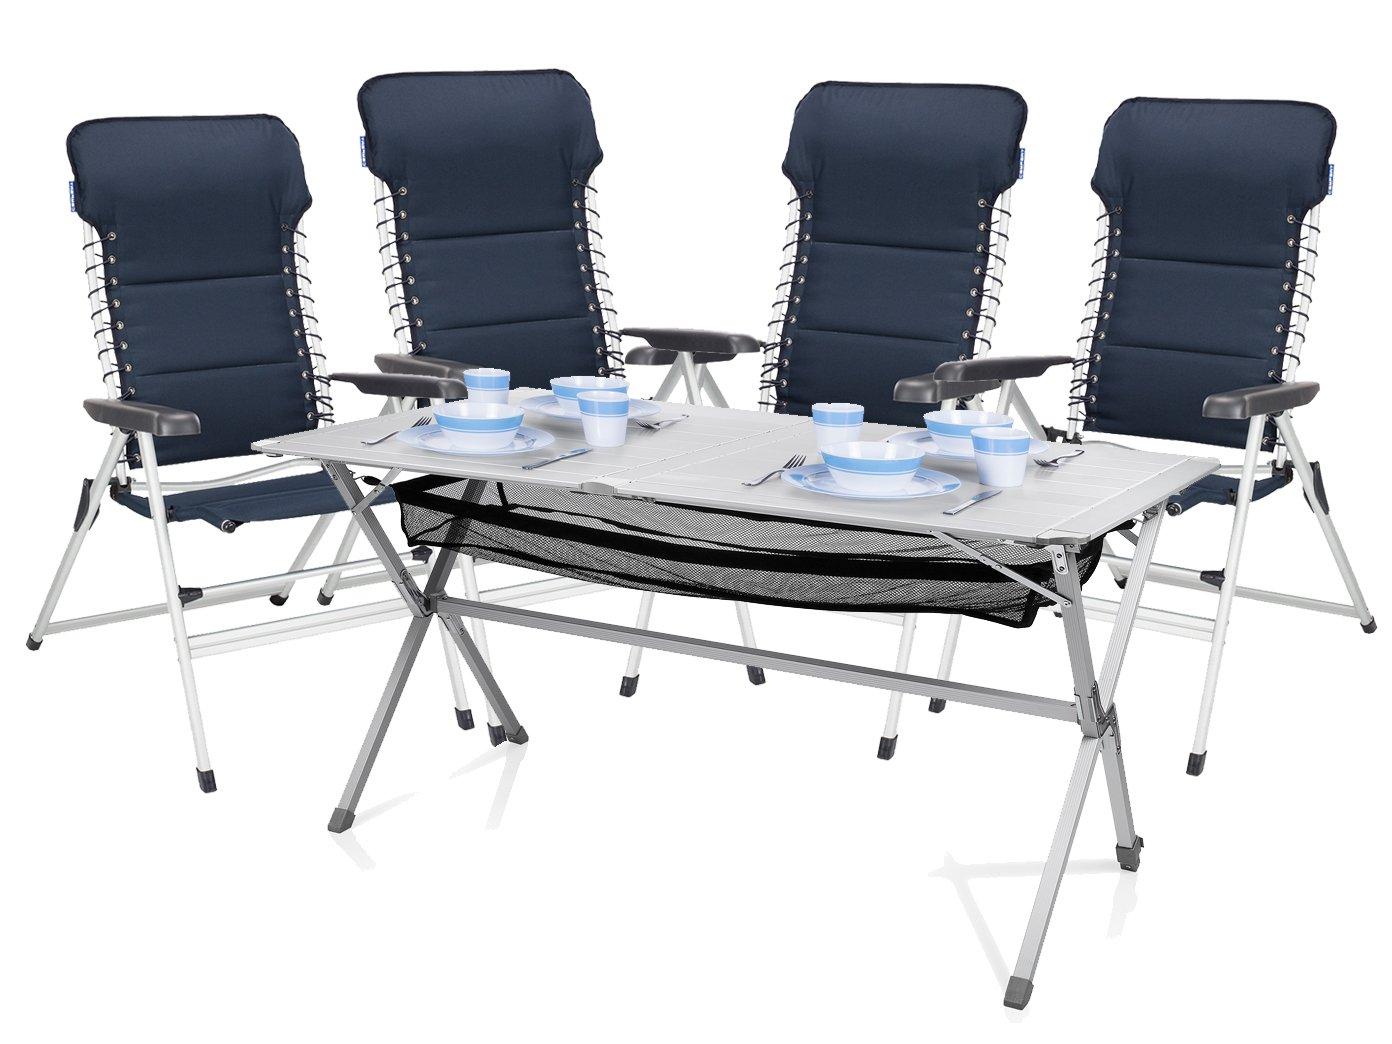 Luxus Camping Set - Alu Campingtisch groß mit Komfort Stühlen leicht und klappbar – einfach zu verstauen